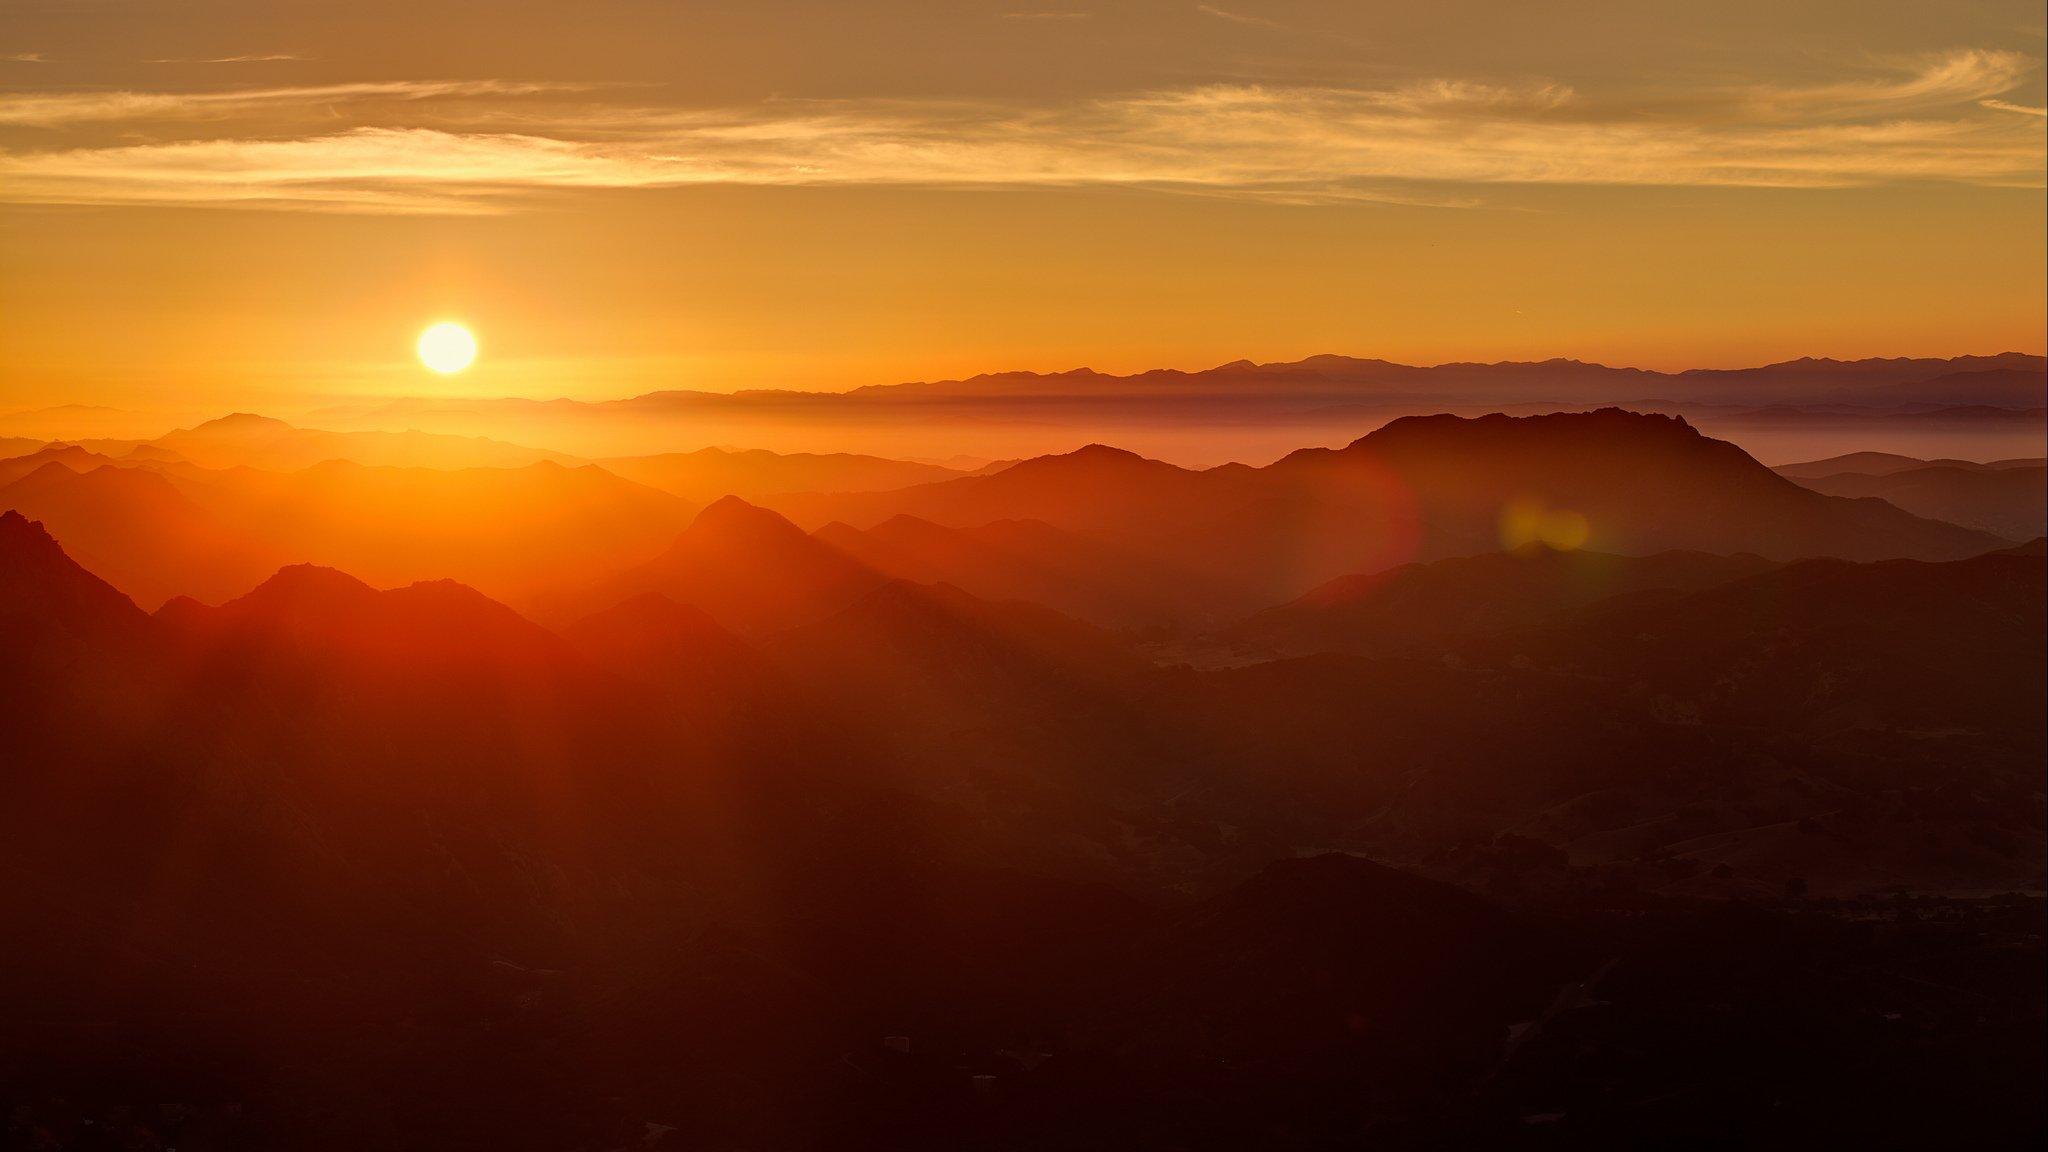 солнце встает скачать